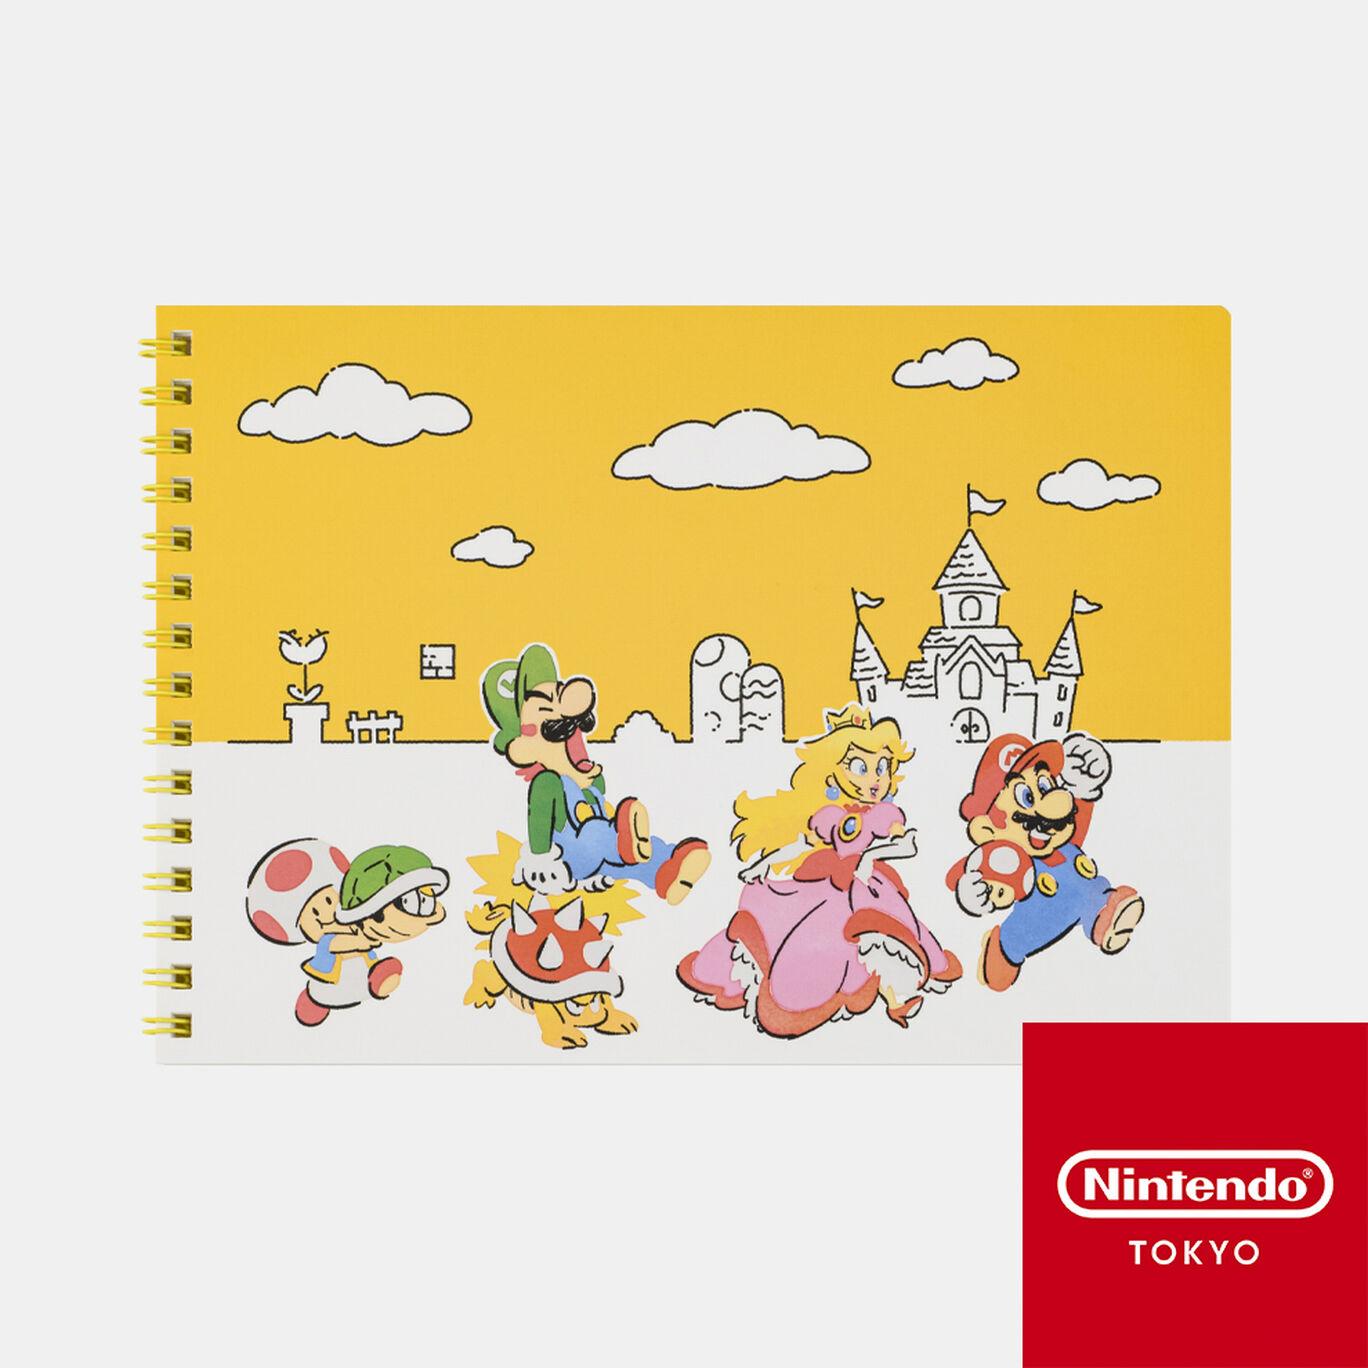 A5リングノート スーパーマリオファミリーライフ【Nintendo TOKYO取り扱い商品】